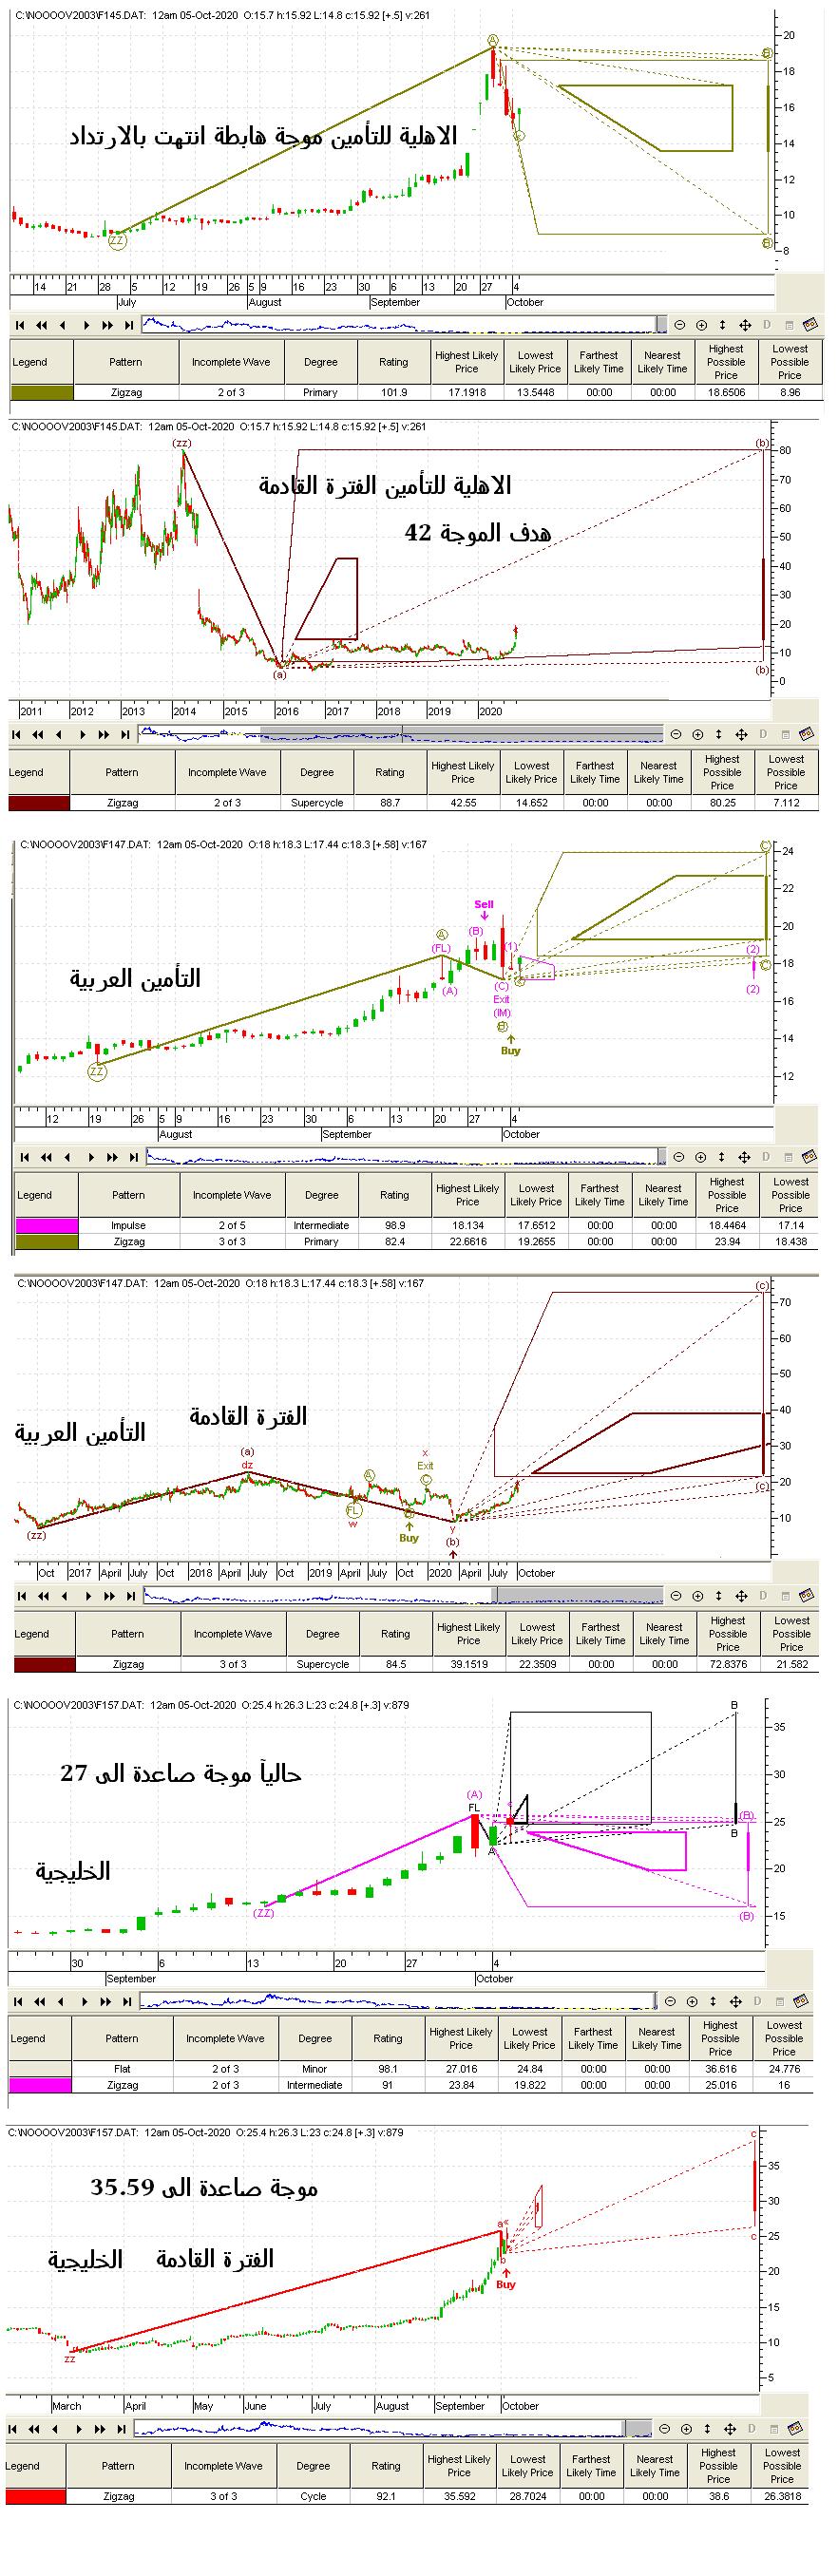 رد: تحليل الاهلية -- التأمين العربية -- الخليجية